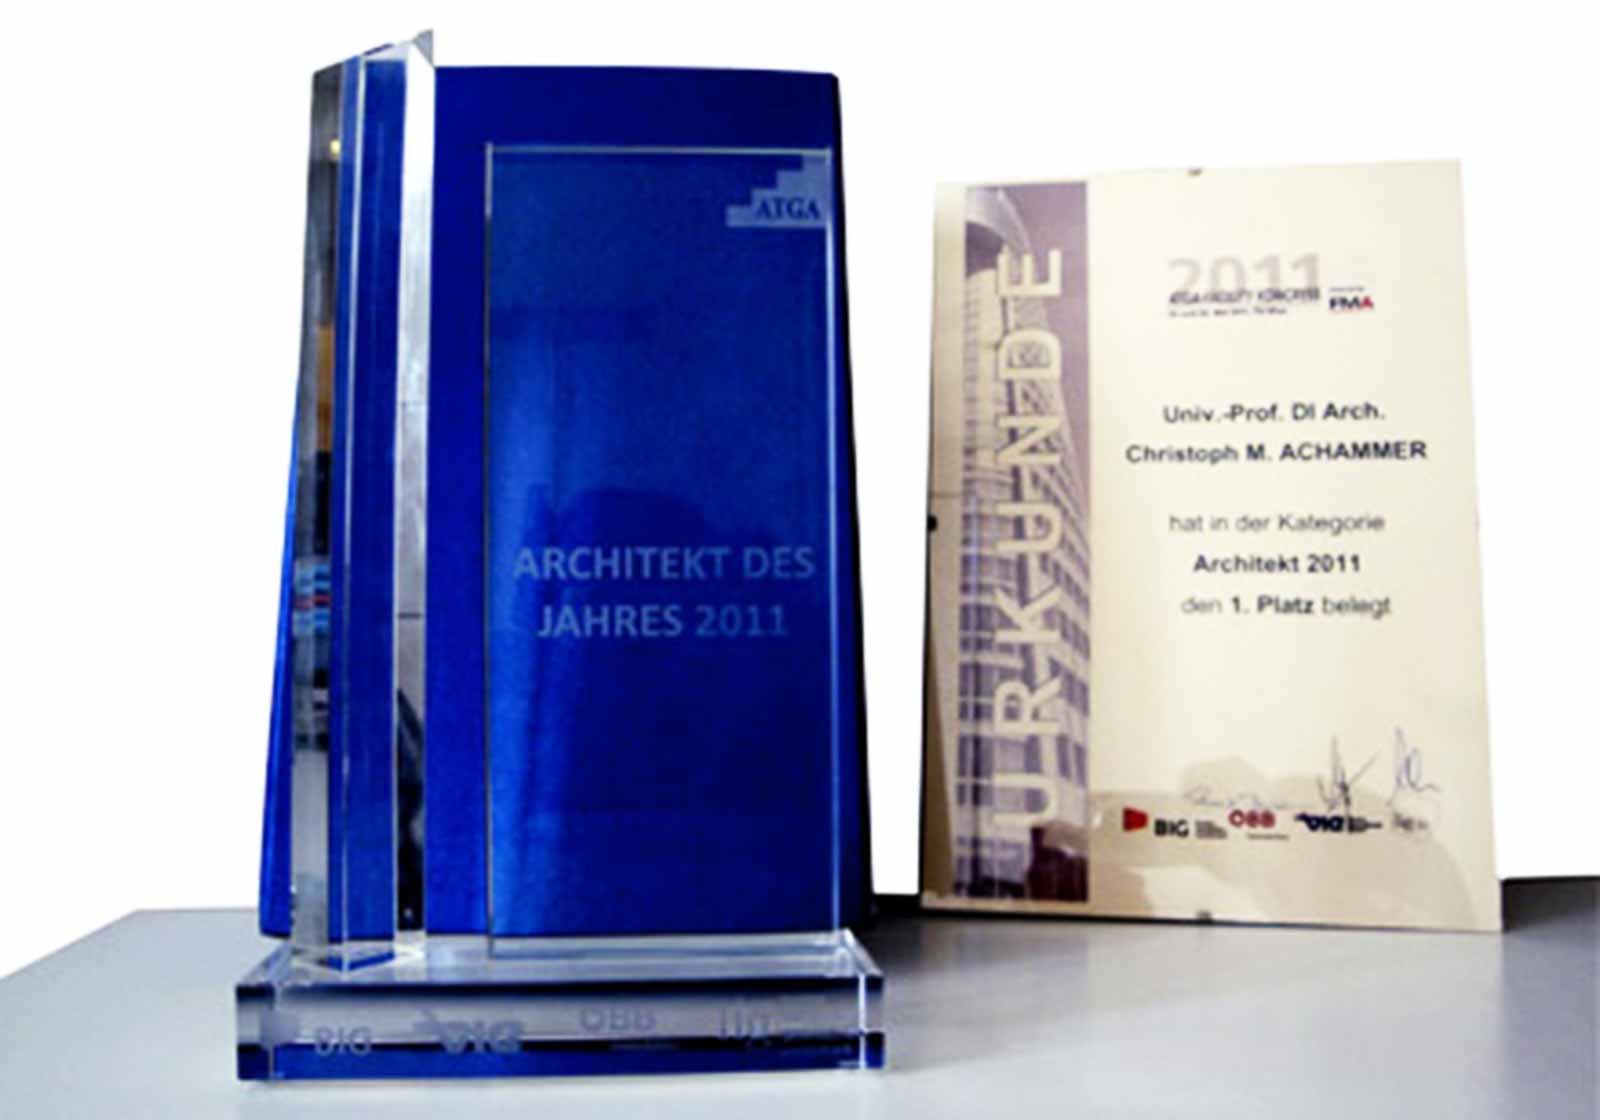 Architekt des Jahres